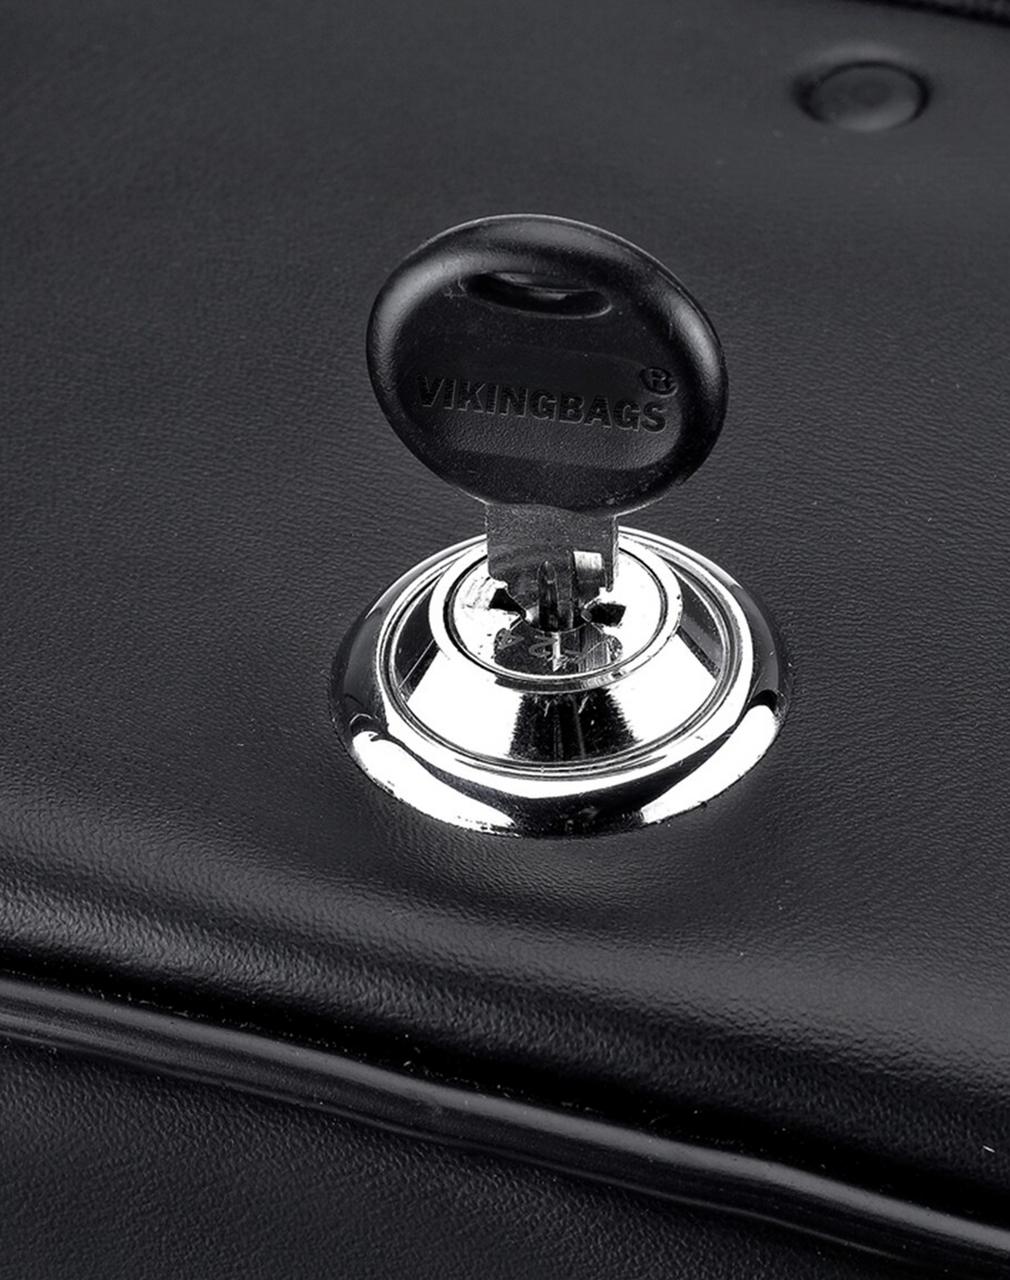 Honda Magna 750 Medium Charger Single Strap Motorcycle Saddlebags lock key view